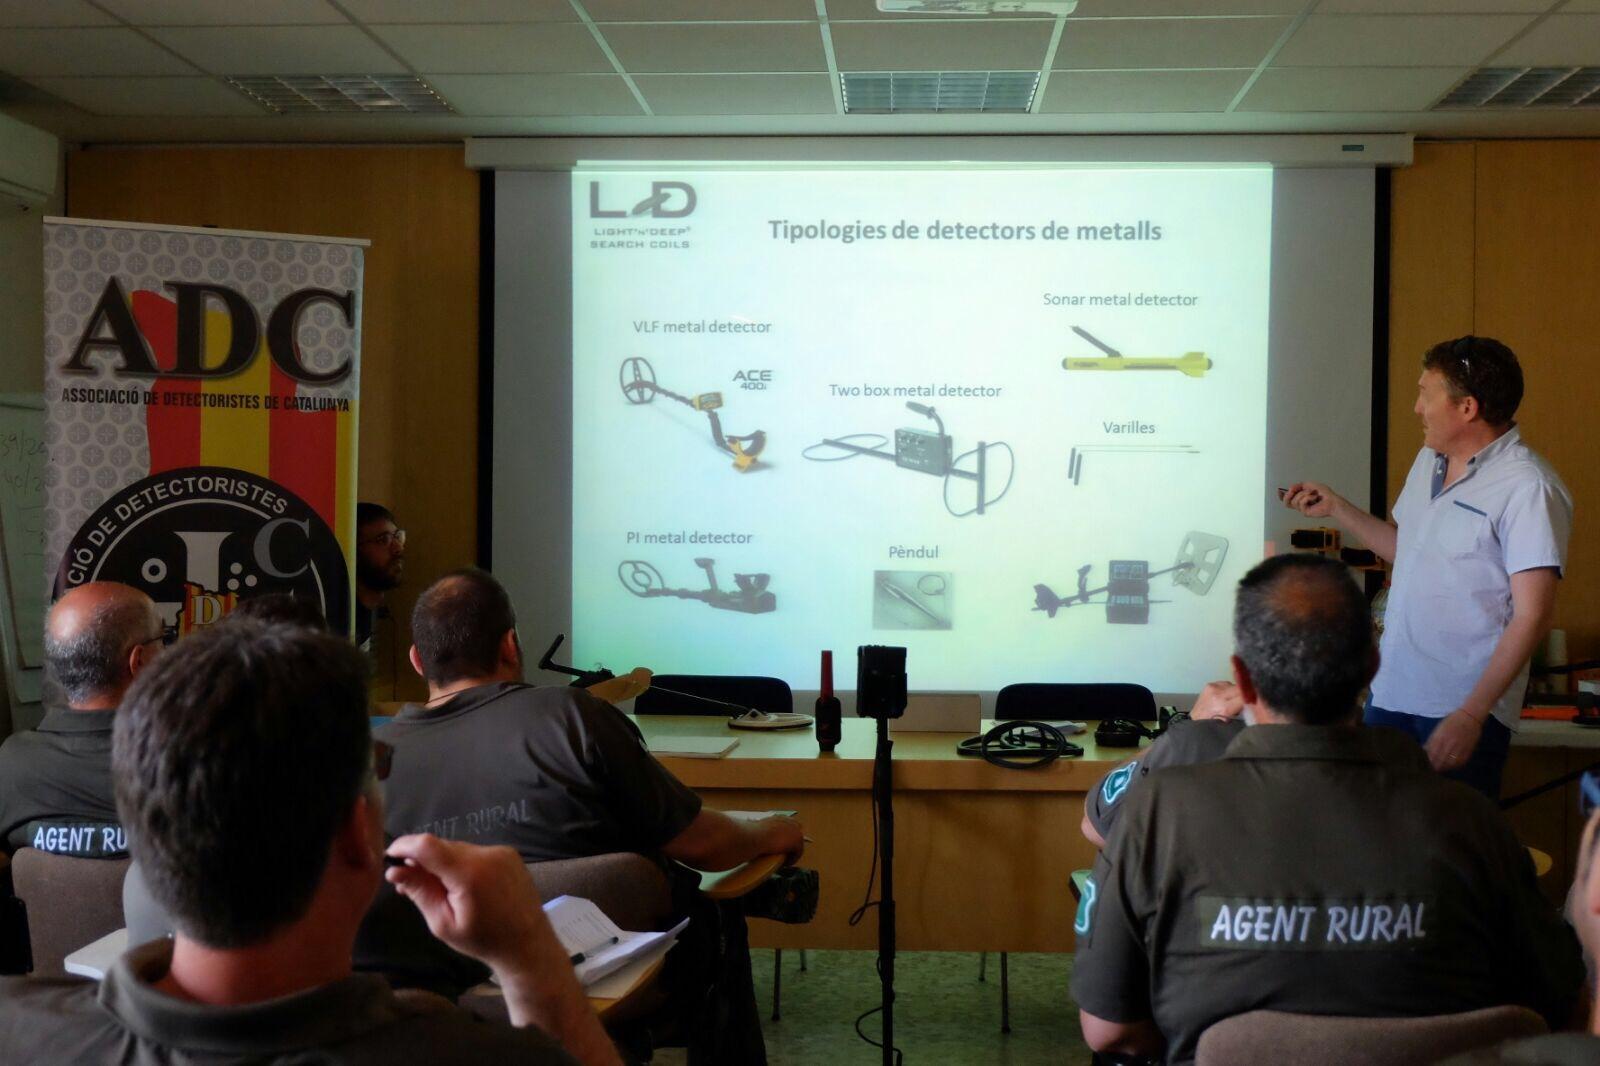 Momentos del Curso, aspectos sobre los diferentes detectores de metales